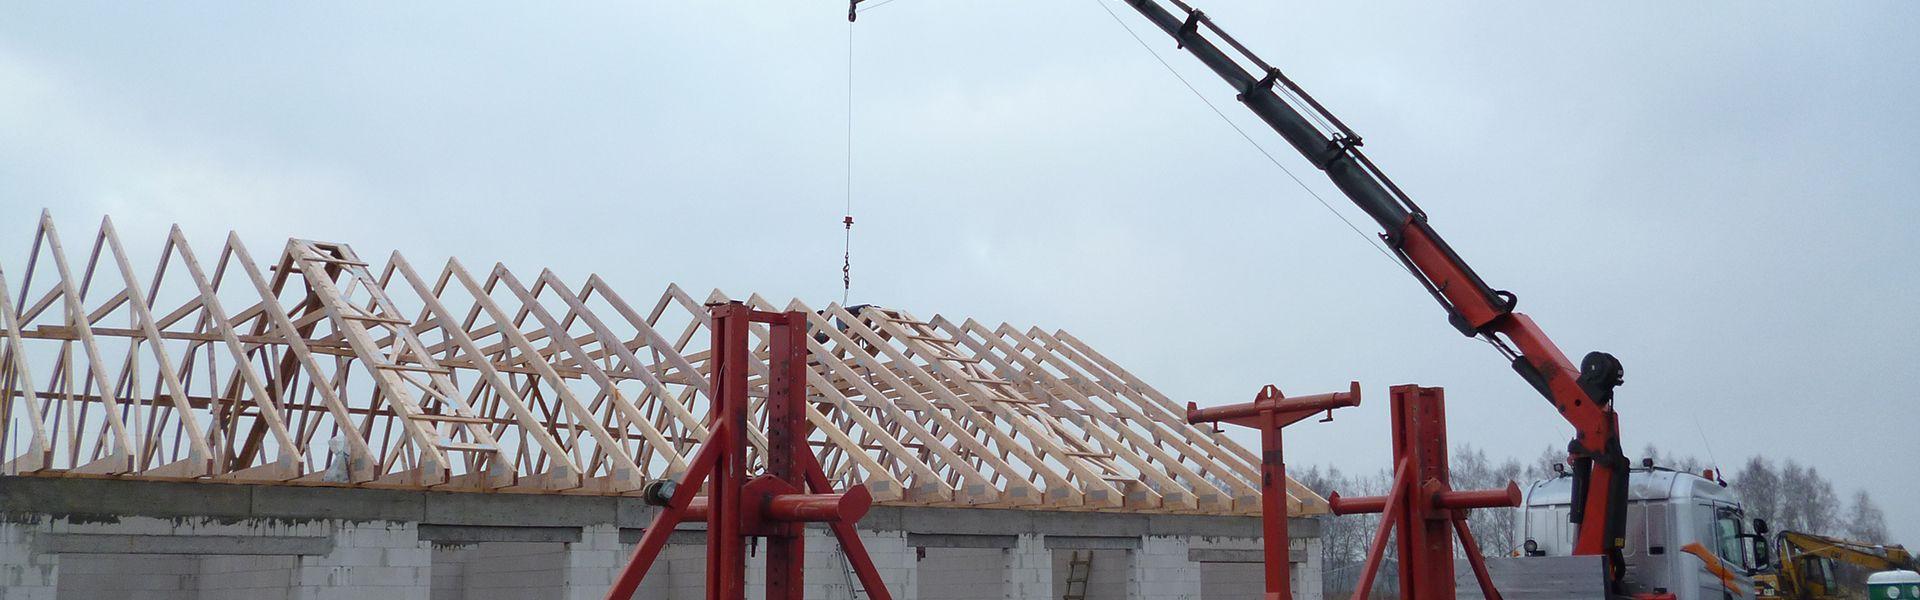 3-wiazary-dachowe-lodz-konstrukcje-dachowe-kratownice-dachowe-dzwigar-dachowy